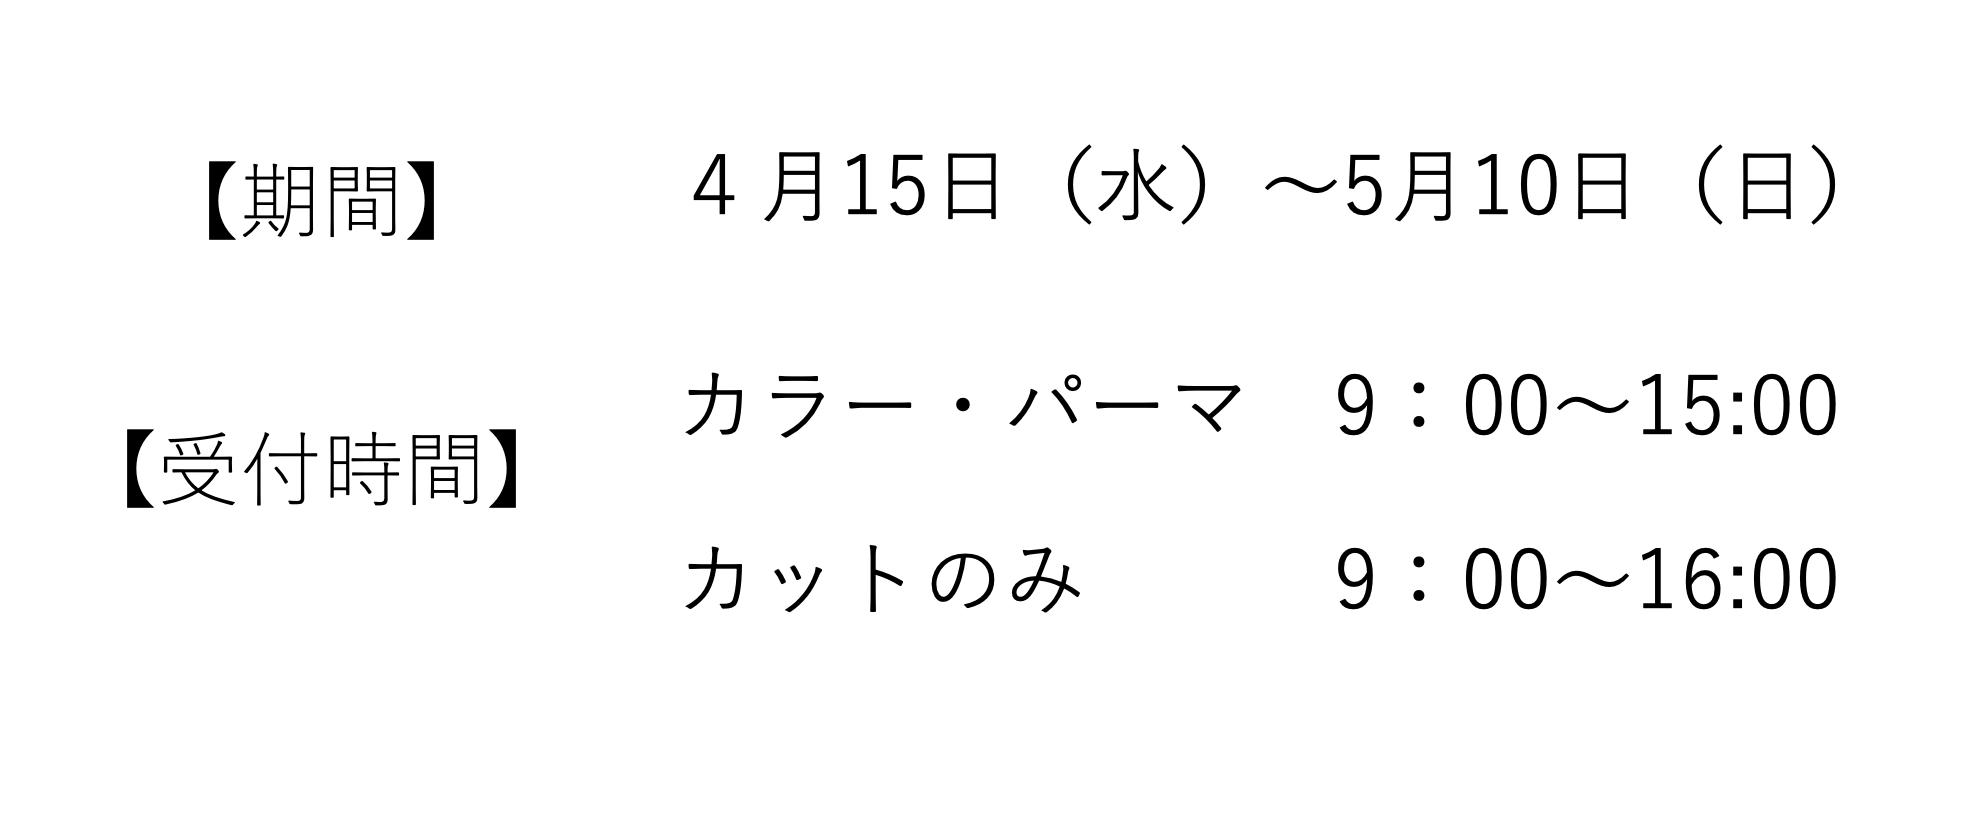 スクリーンショット 2020-04-30 16.39.54